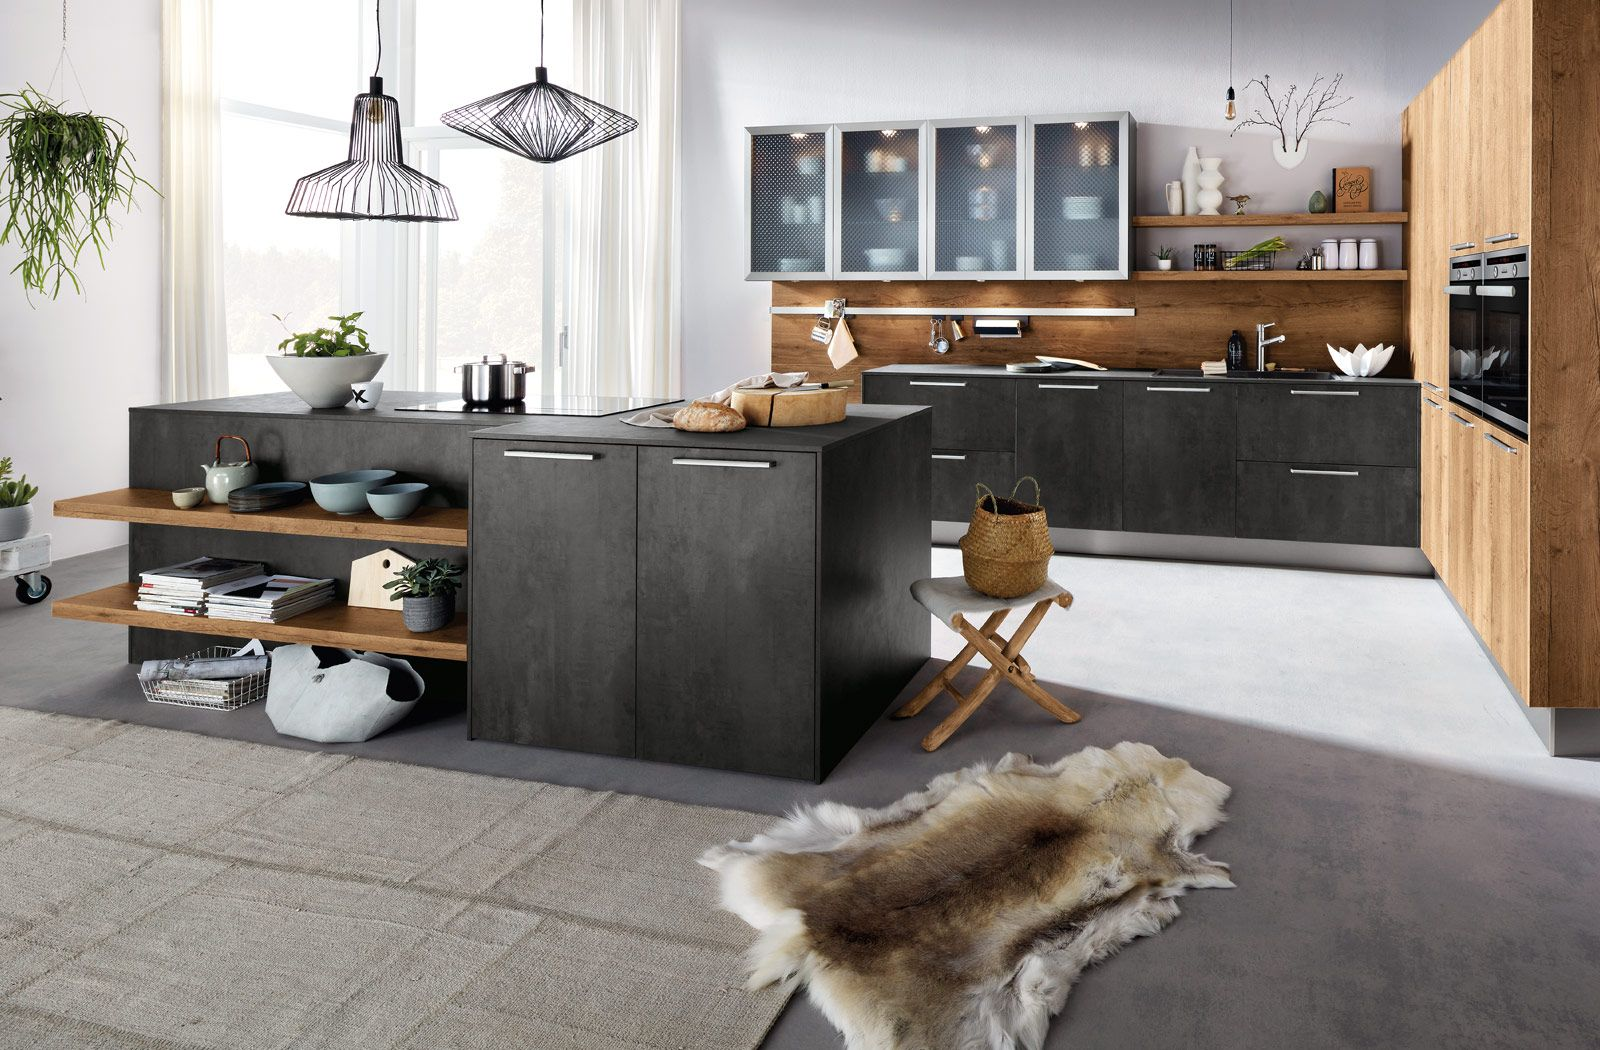 Systemat/Art - Häcker Küchen | Küche | Pinterest | Häcker küchen ...